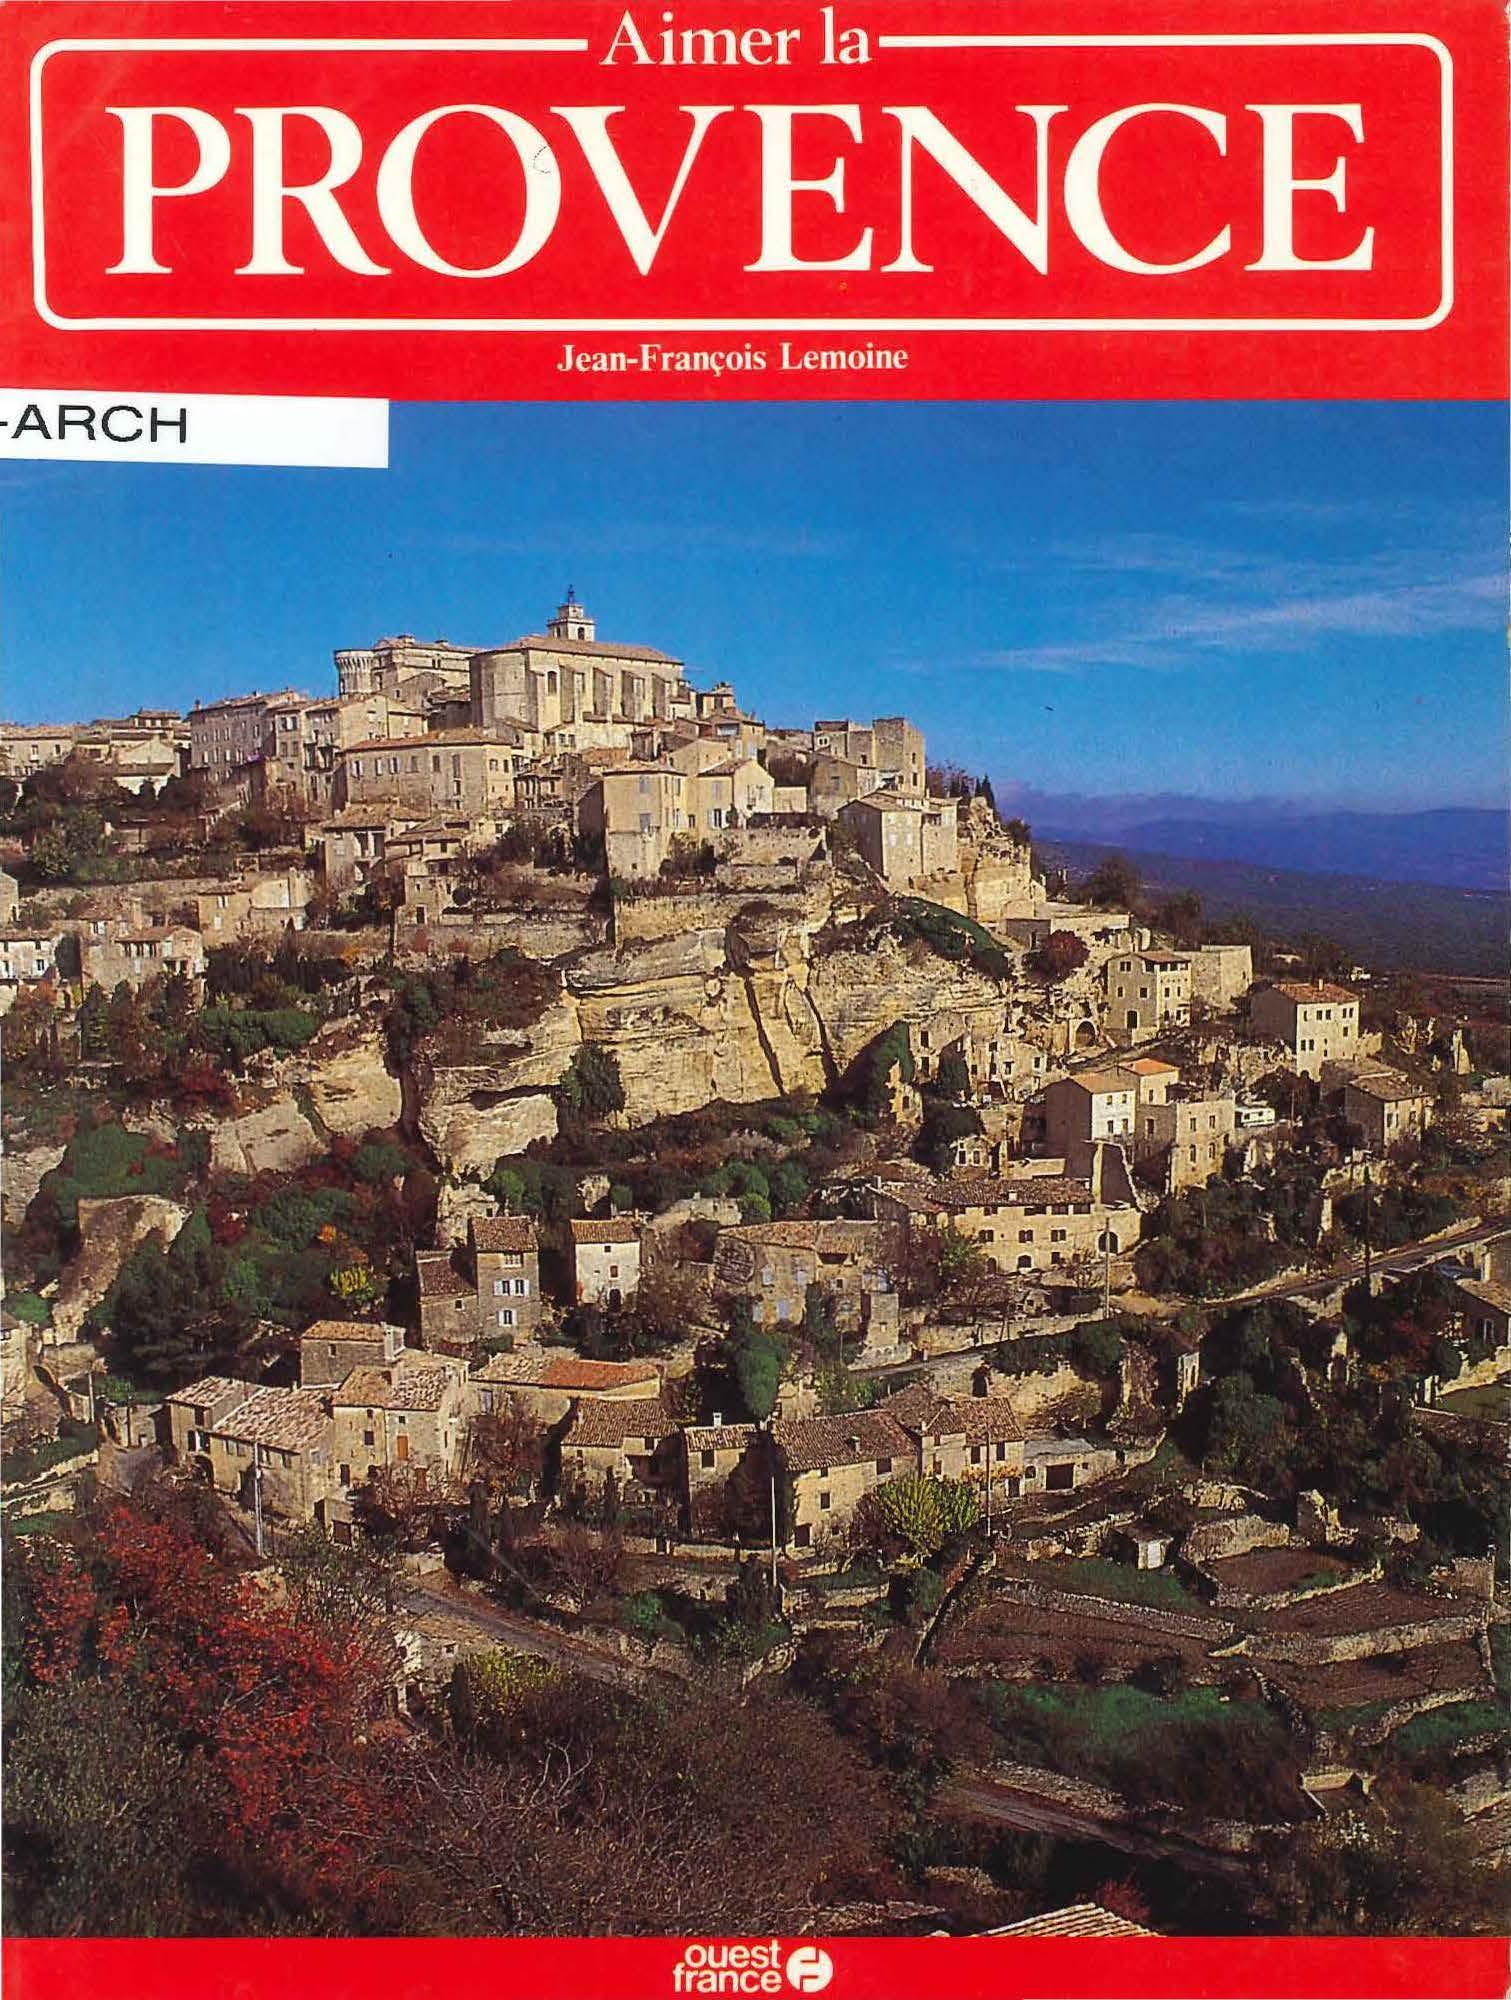 Aimer la Provence